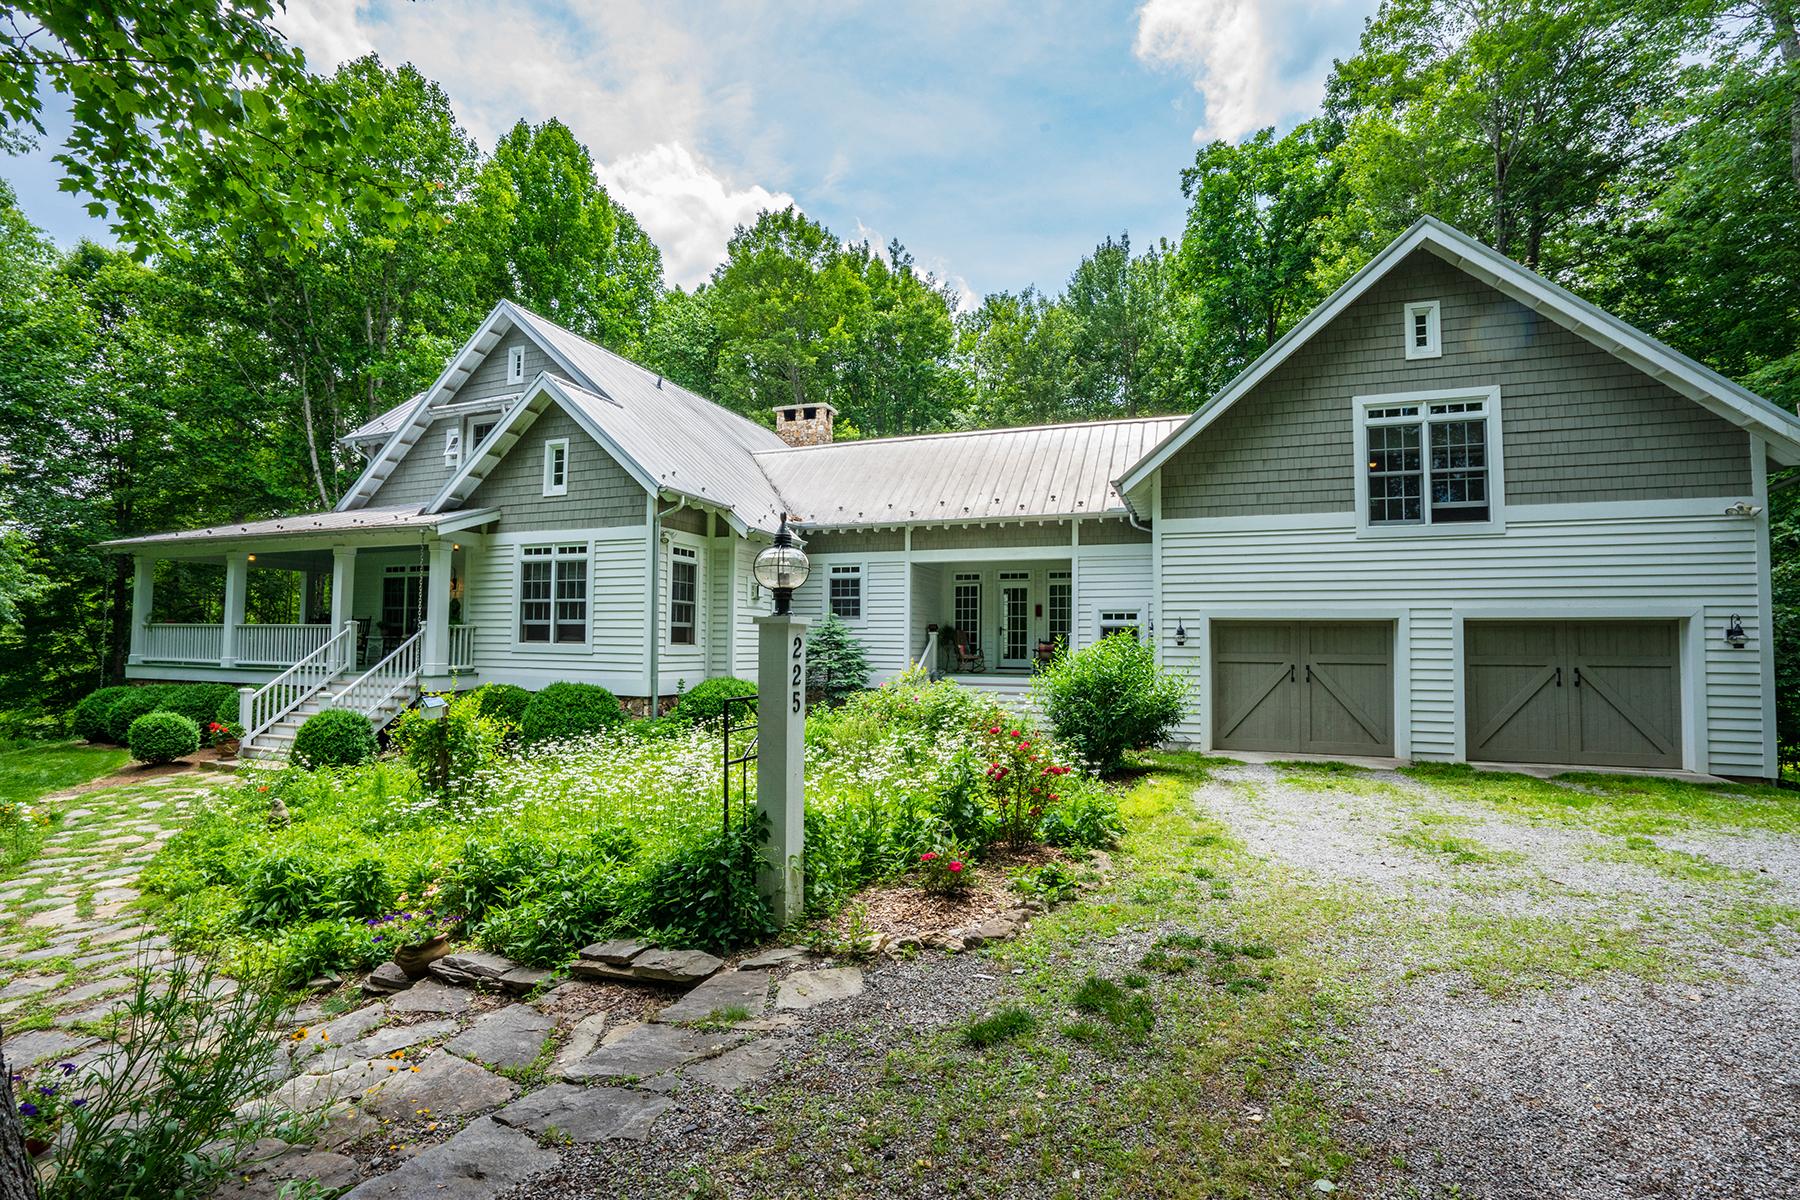 Villa per Vendita alle ore CRUMPLER - THE RIDGE AT CHESTNUT HILL 225 Deer Thicket Lane Crumpler, Carolina Del Nord, 28617 Stati Uniti